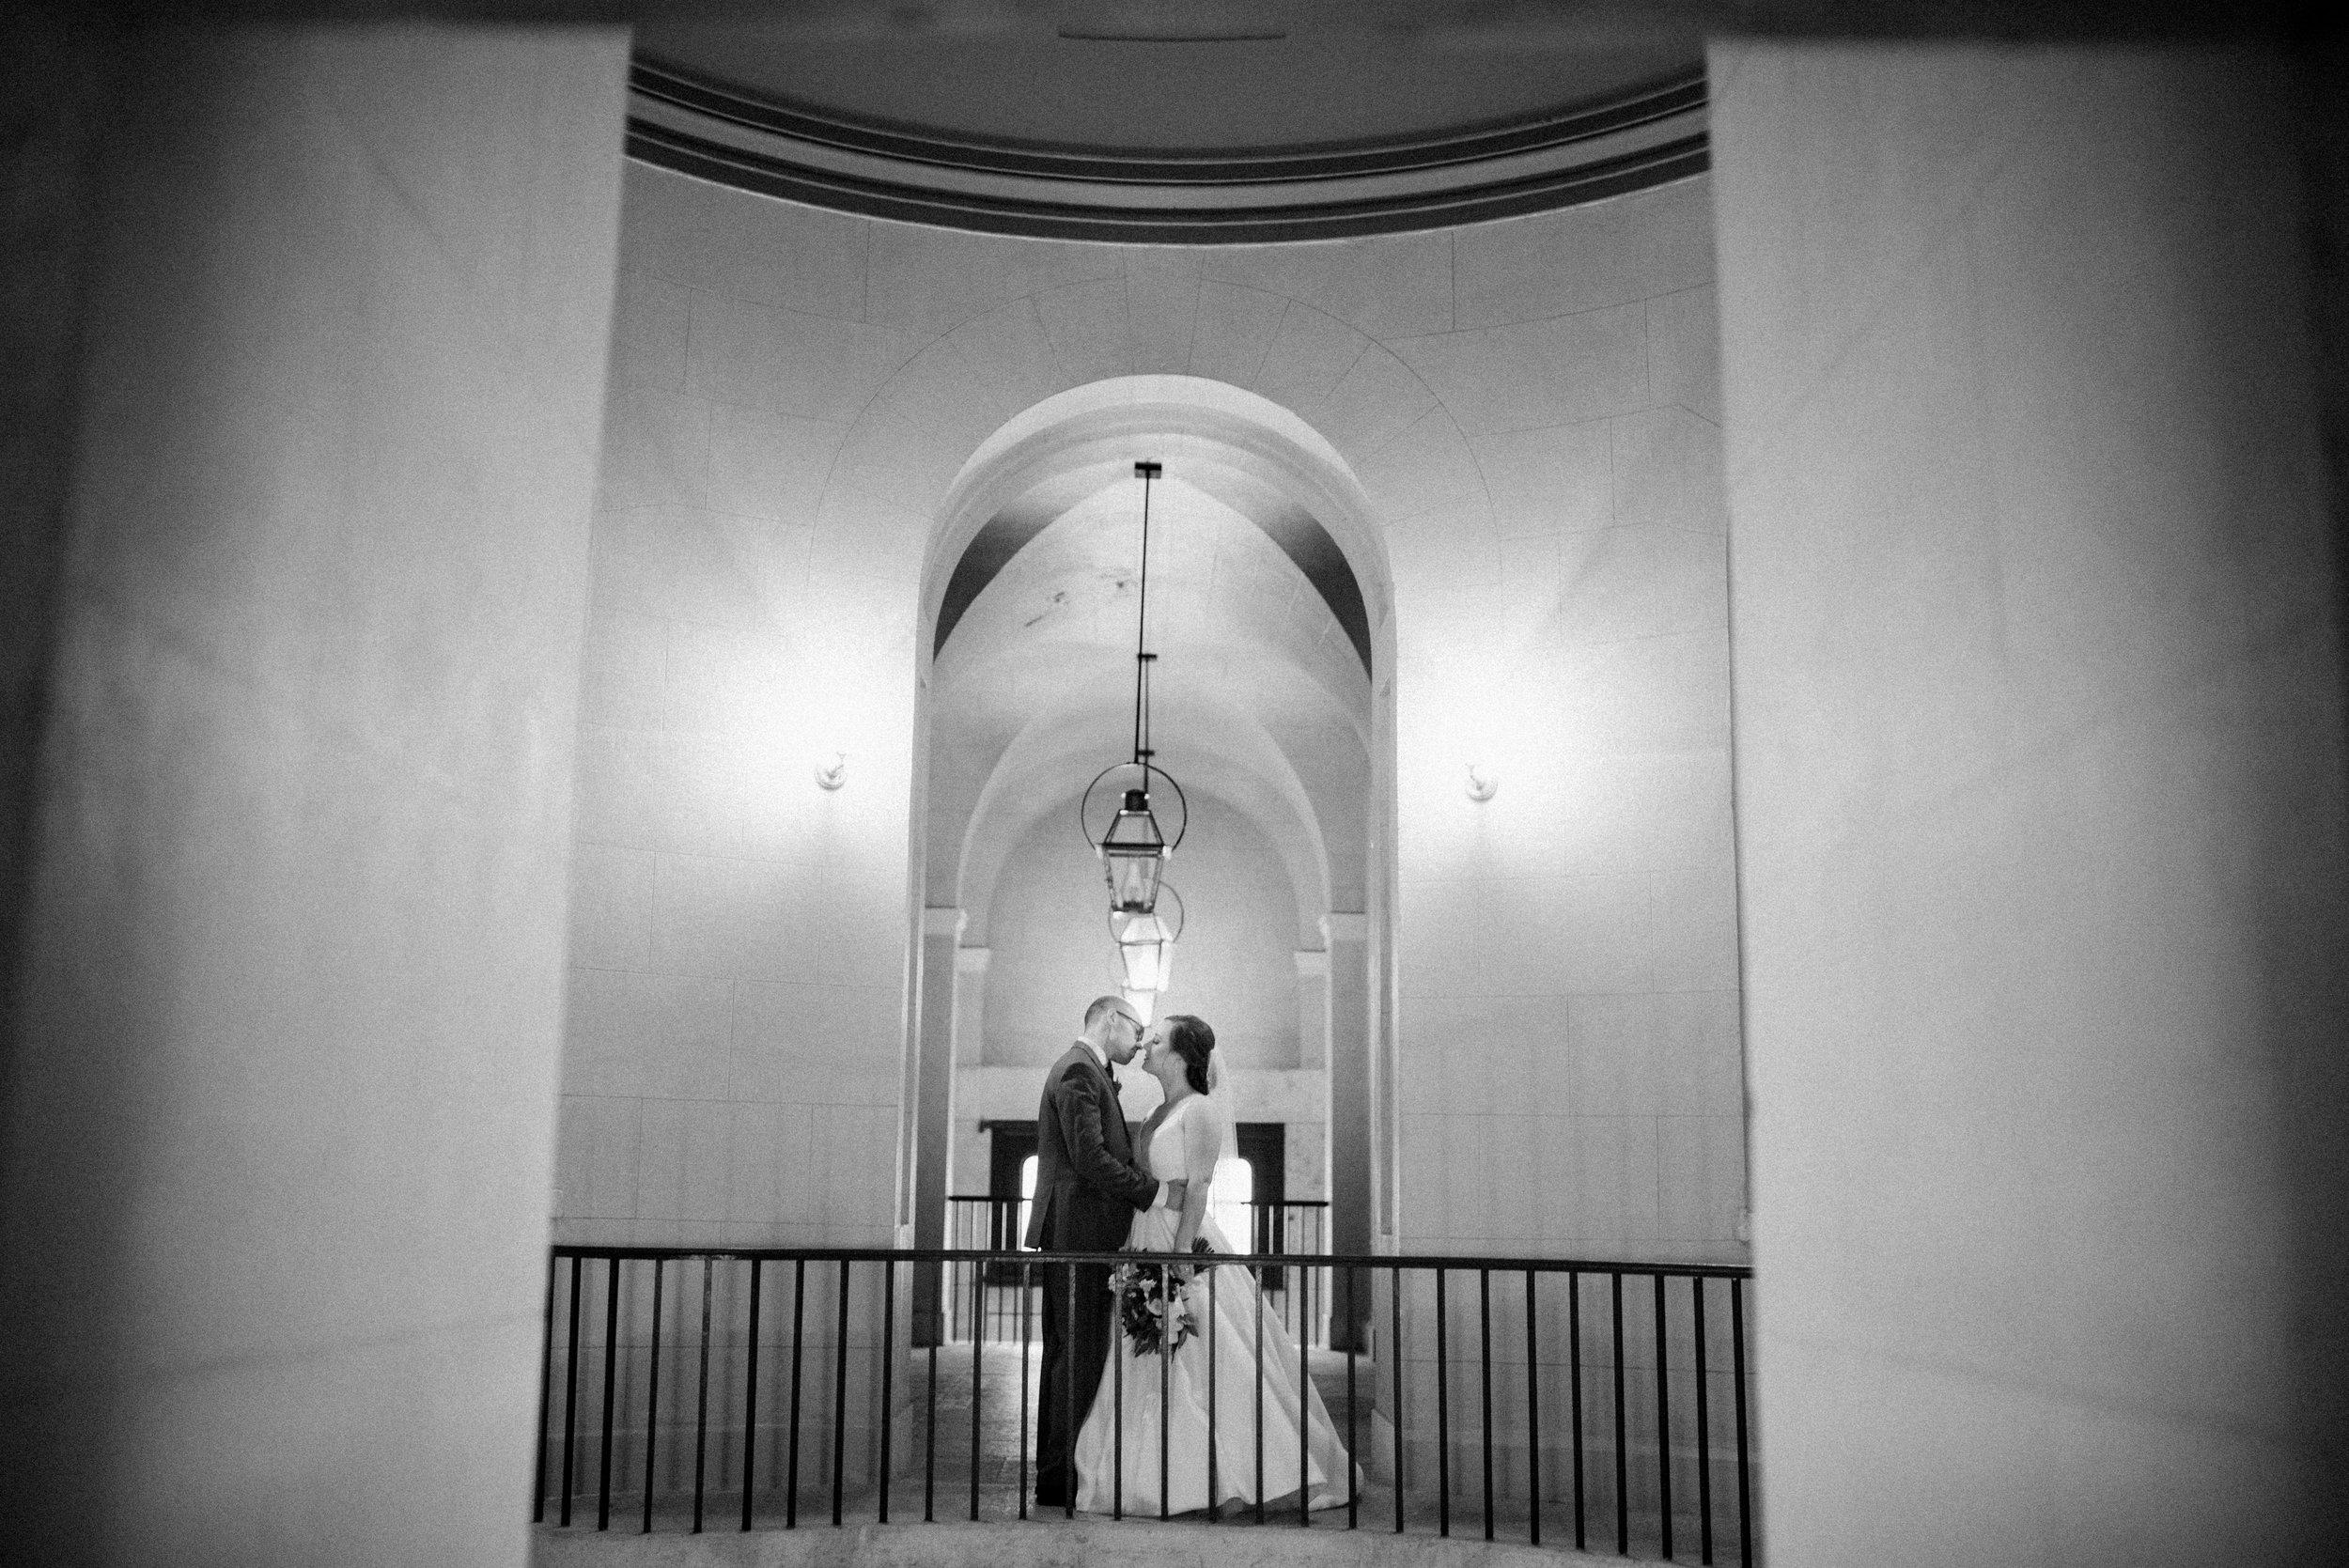 -Chelsea-Hall-Photography-Old-Courthouse-Wedding-Dayton-Ohio-41.jpg